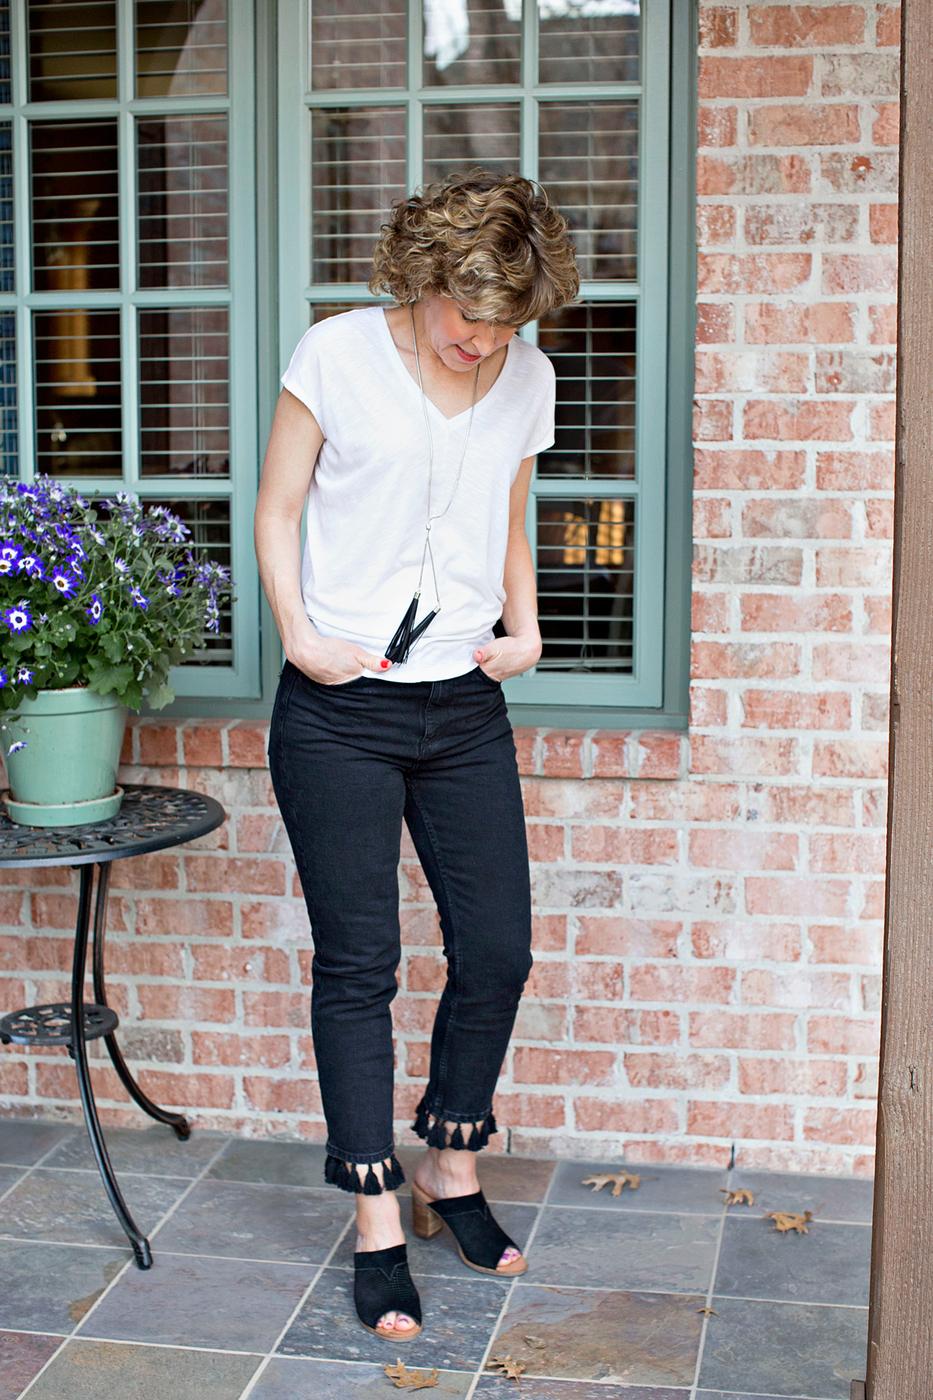 black and white, white shirt, black tassel jeans, black toms mules, whbm white shirt, white jetsetter tee, whbm jetsetter tee, white house black market jetsetter tee